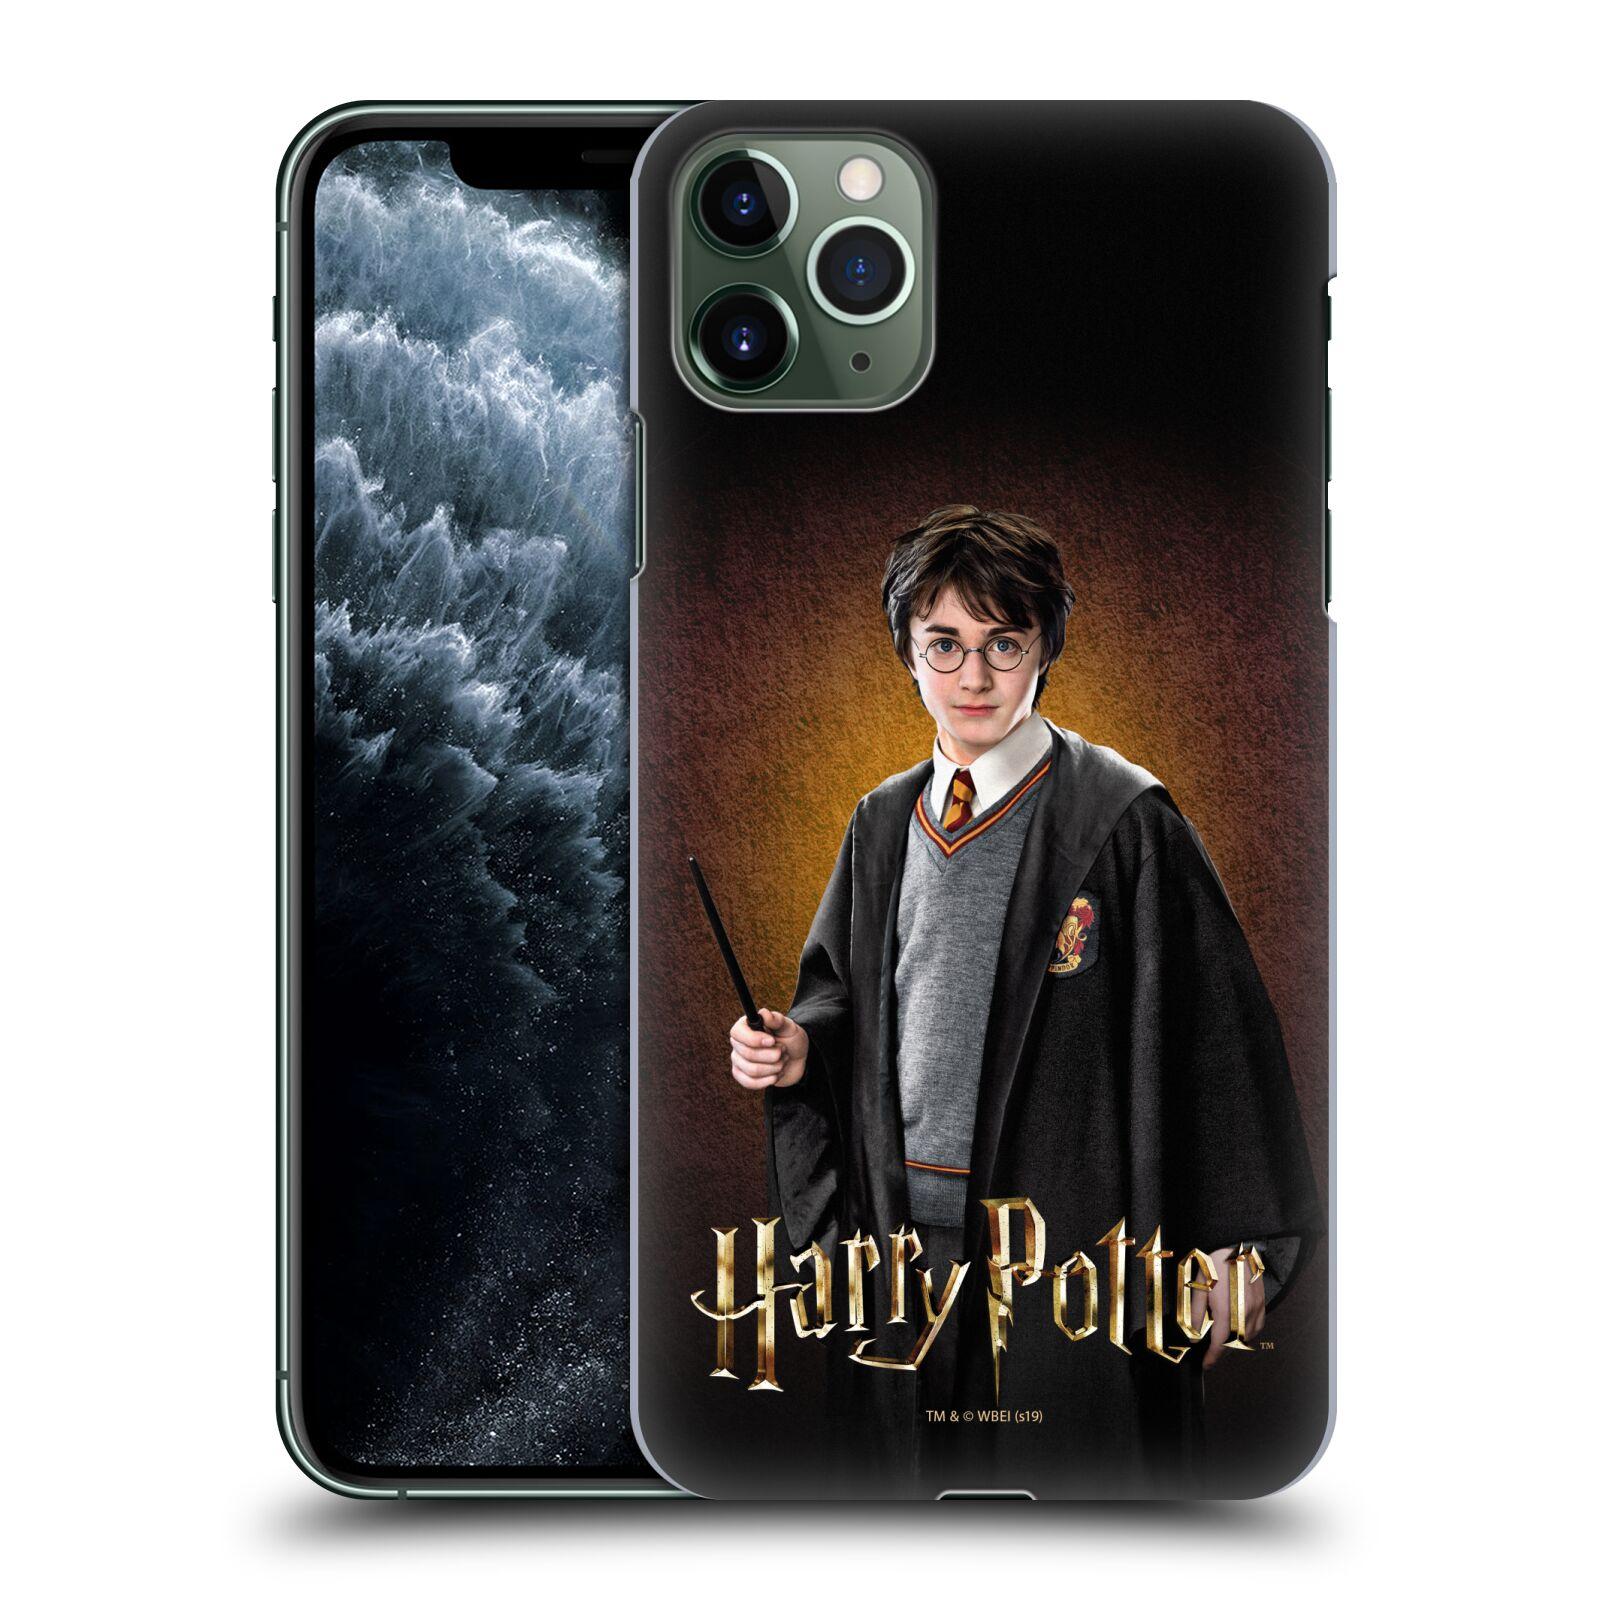 Plastové pouzdro na mobil Apple iPhone 11 Pro Max - Harry Potter - Malý Harry Potter